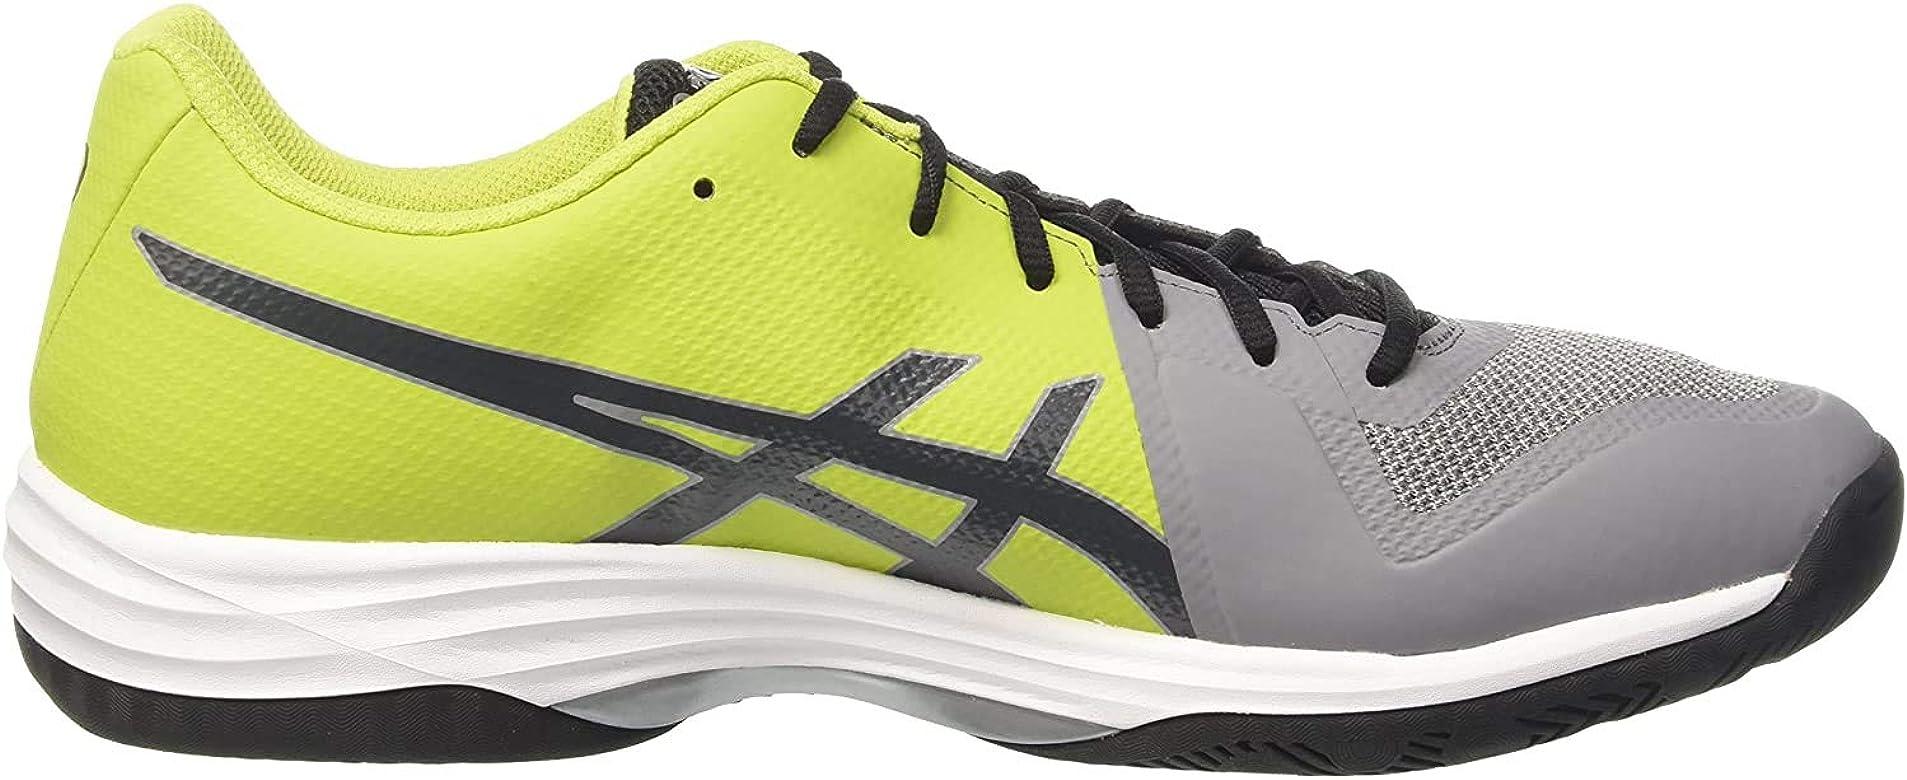 Asics Gel-Tactic, Zapatillas de Voleibol para Hombre, Plateado ...